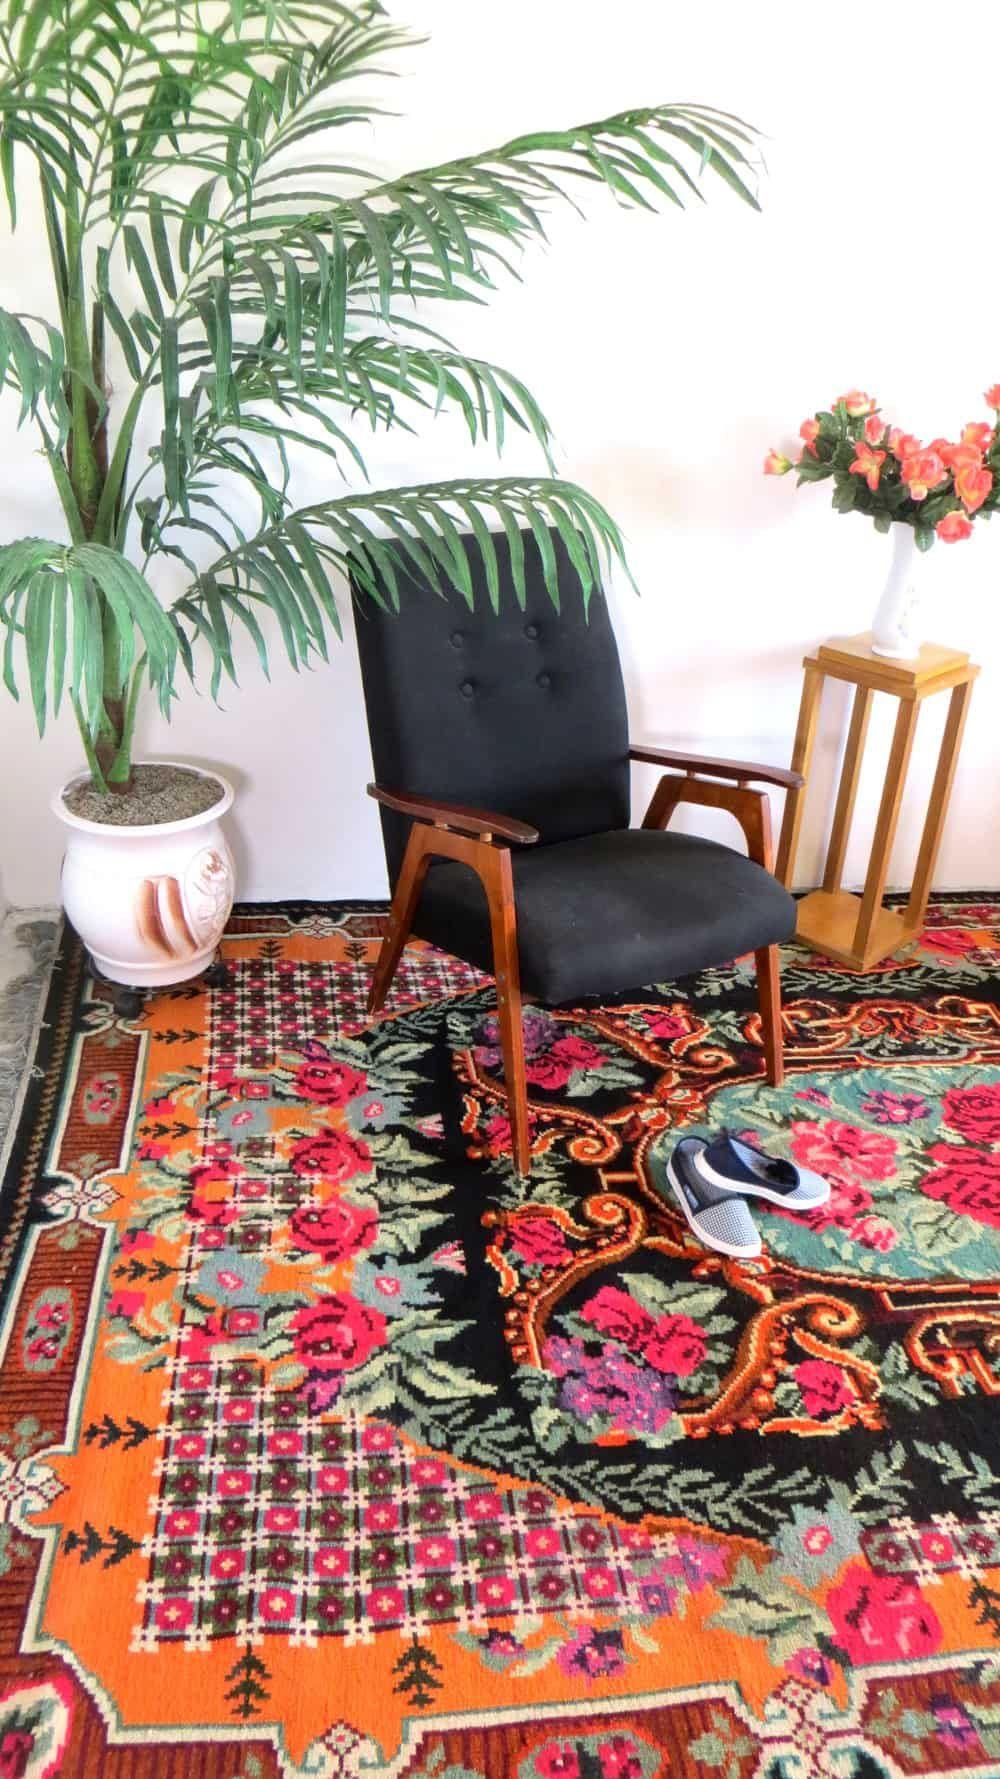 Rose kilim rugs floral rug tapis kilim ancien kilim with flowers wool rug persian rug bohemian - Alfombras de pasillo baratas ...